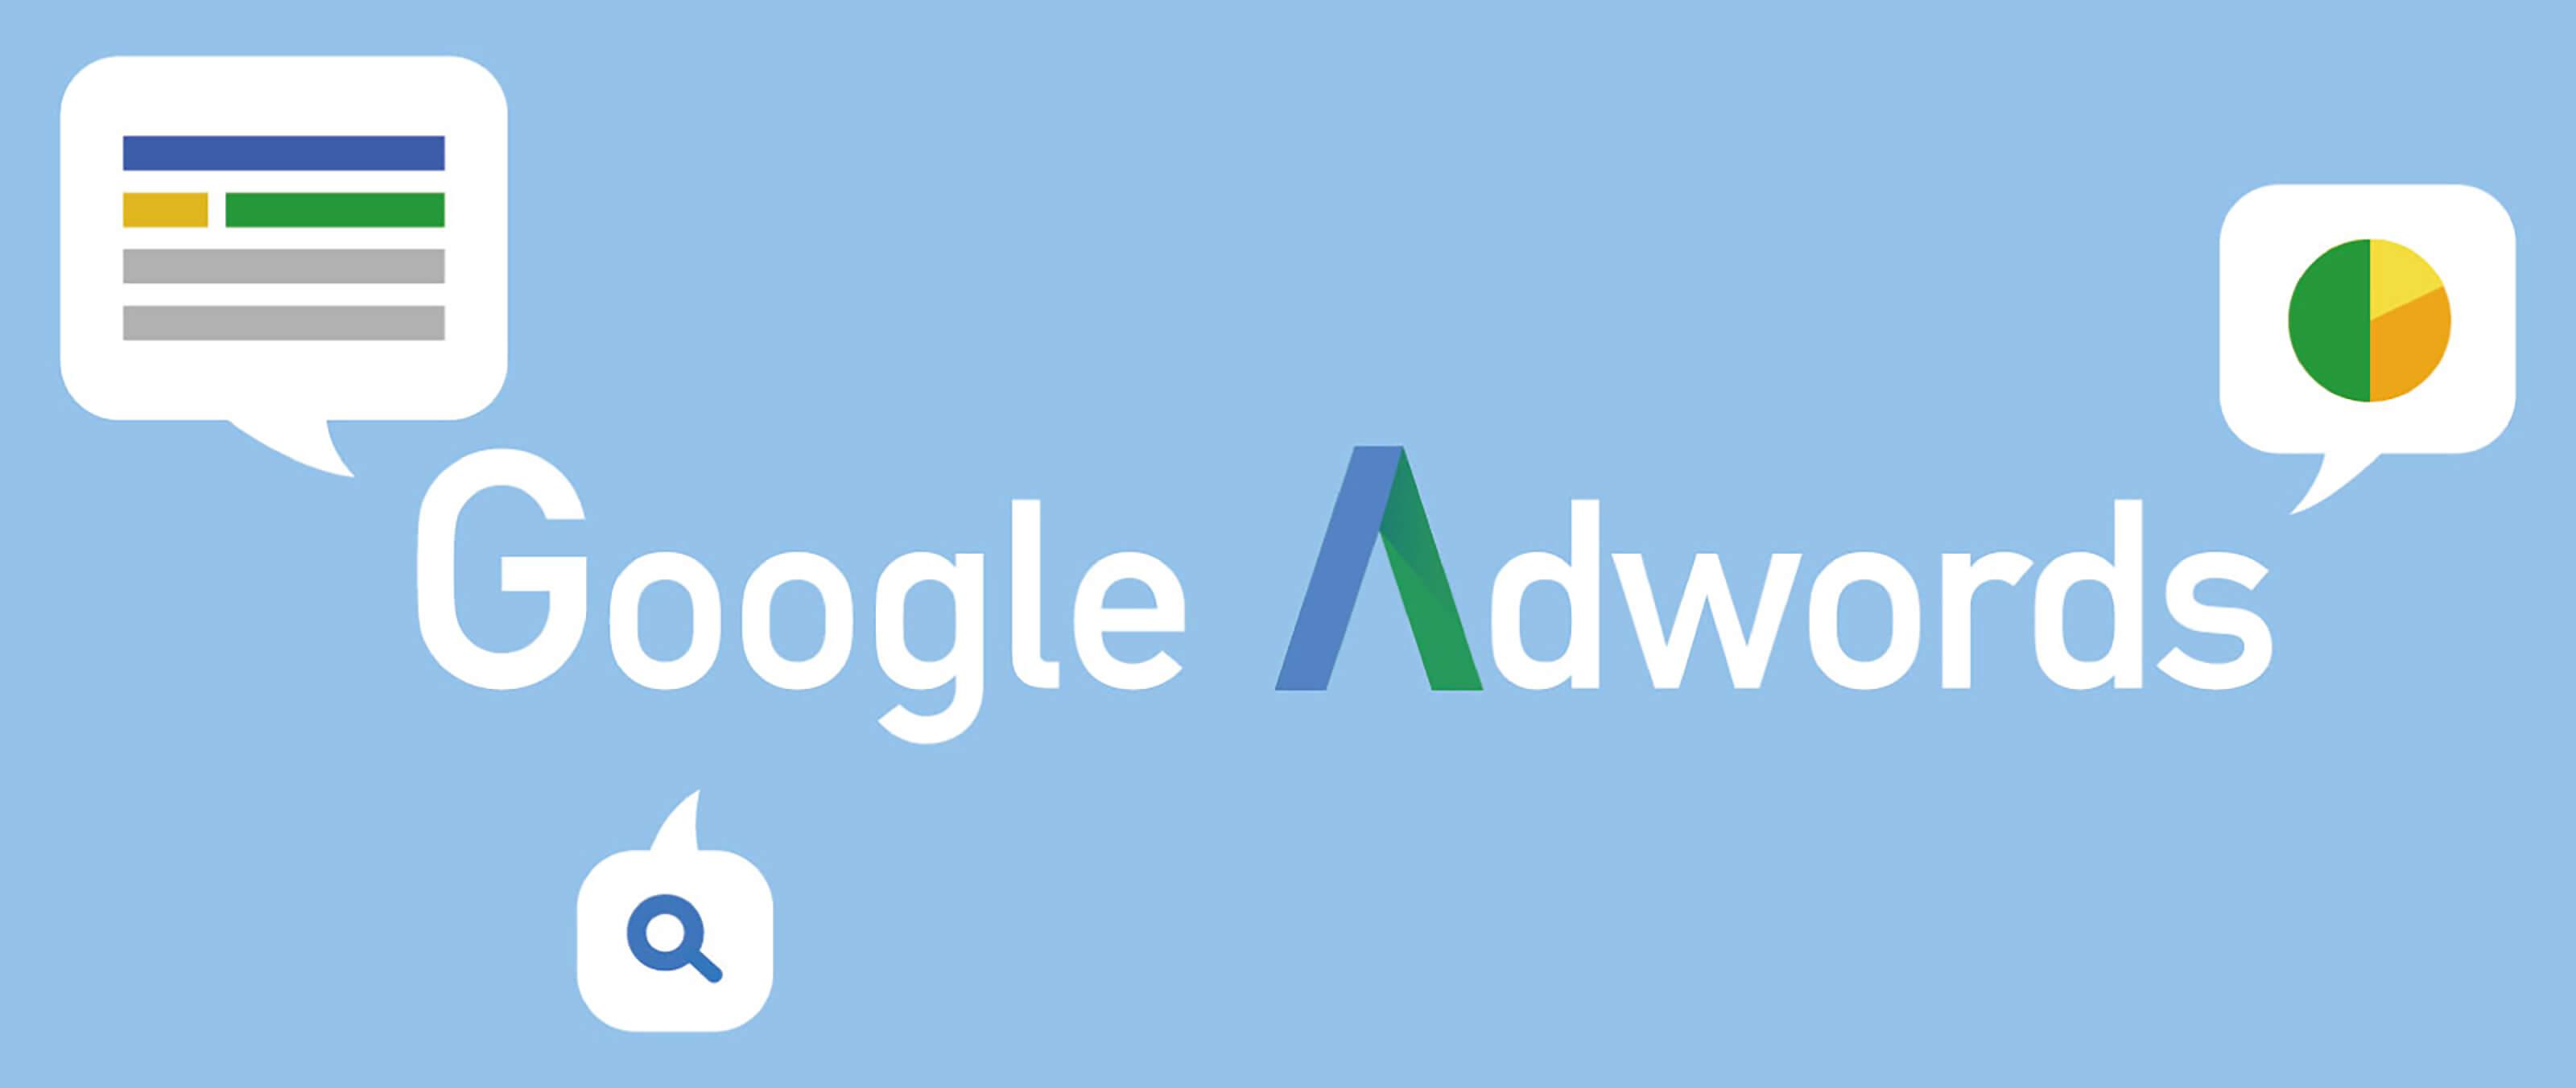 リスティング google リスティング広告とは?特徴とメリット・デメリットを解説